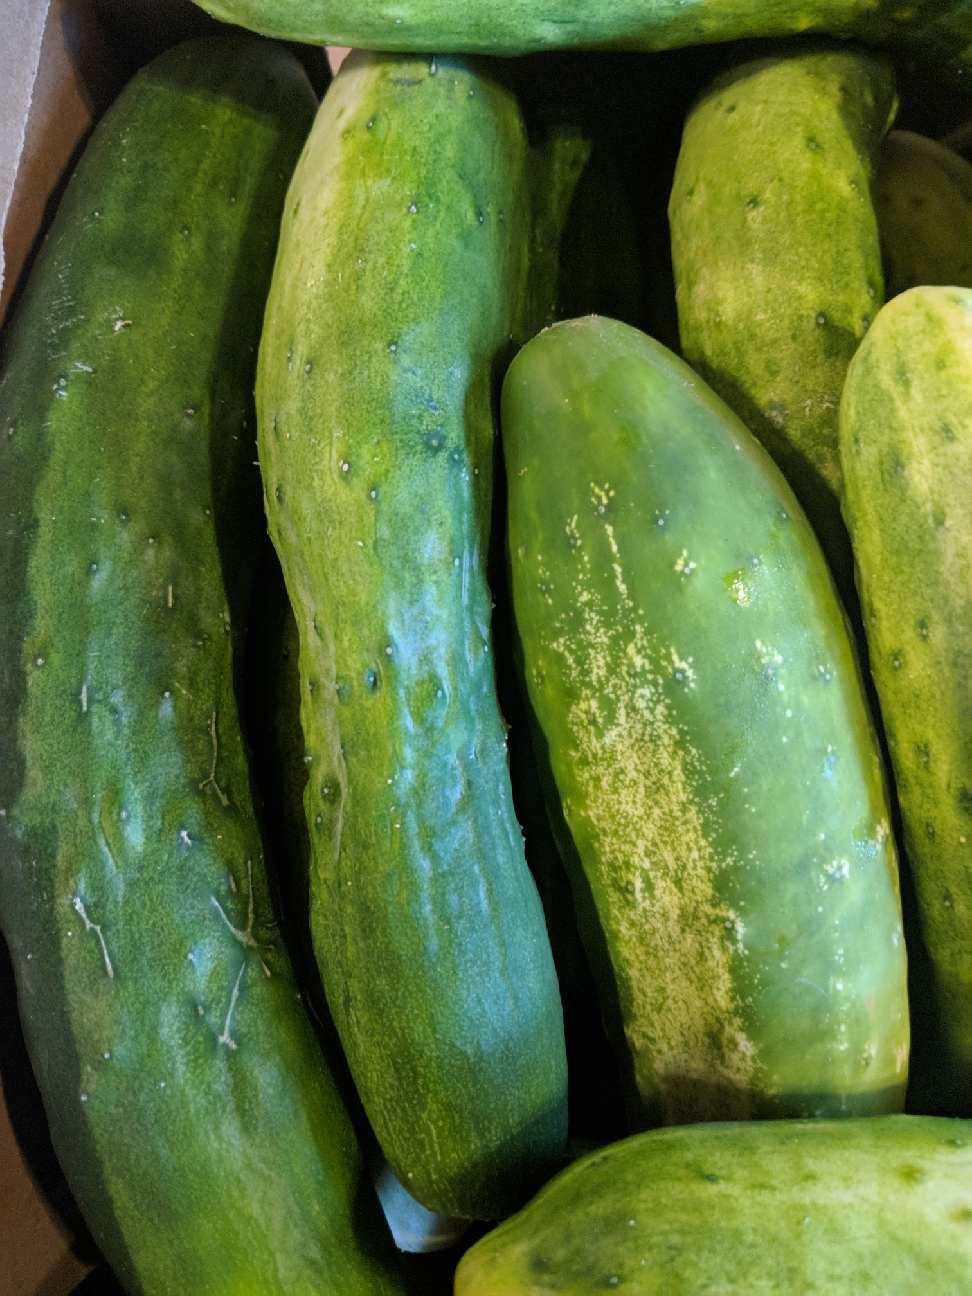 farm-fresh-cucumbers-reston-farm-market-va.JPG